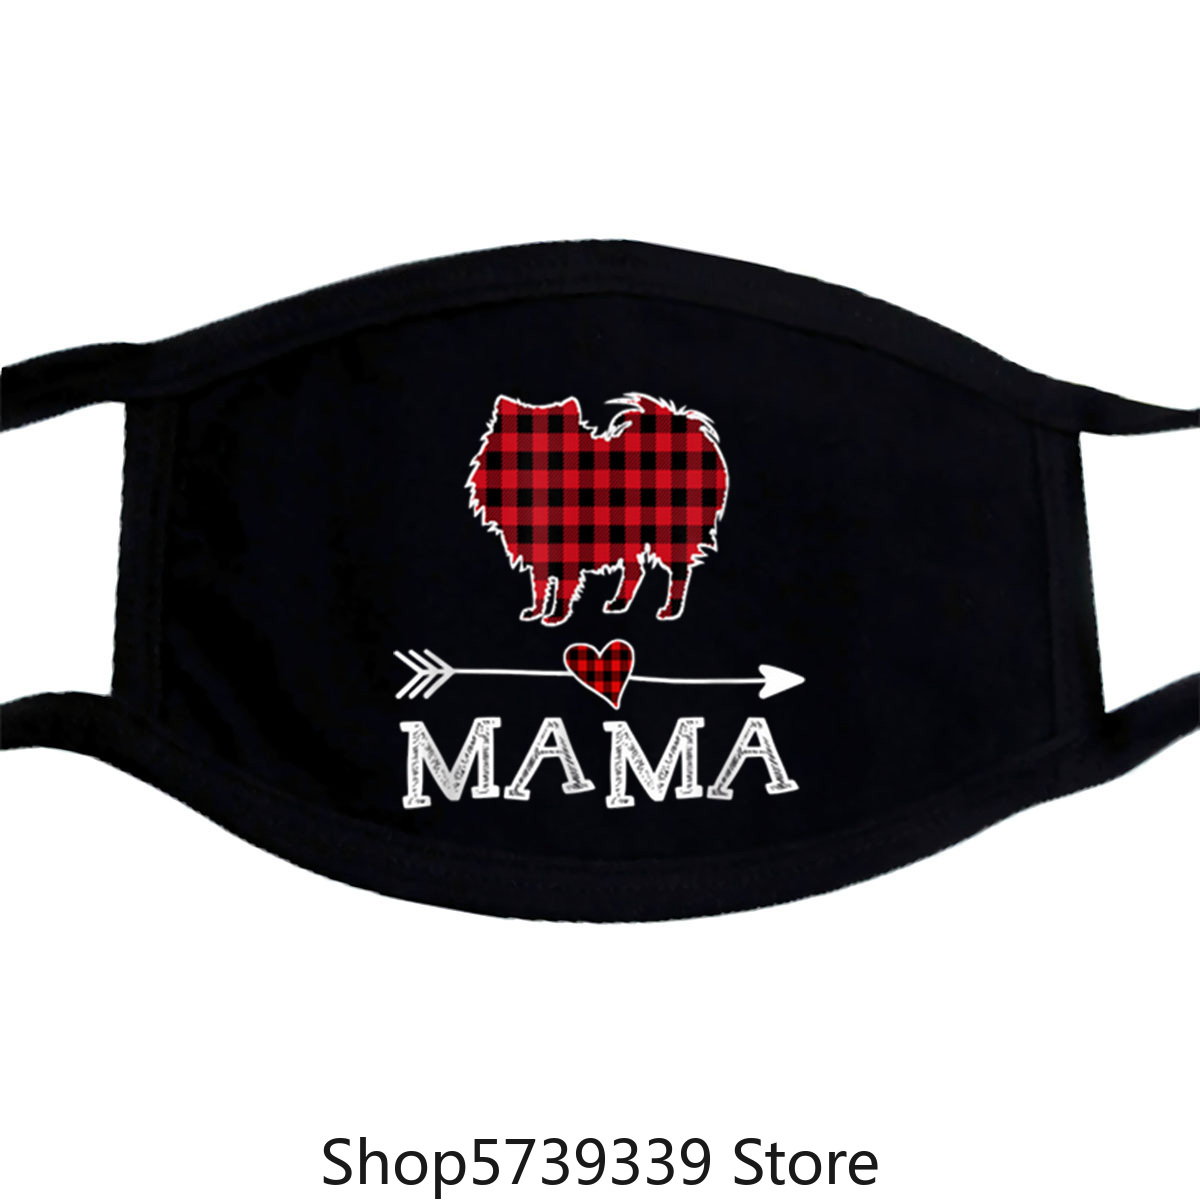 Original Womens Red Plaid Mama Pomeranian Dog Mom Buffalo Pajama Mask